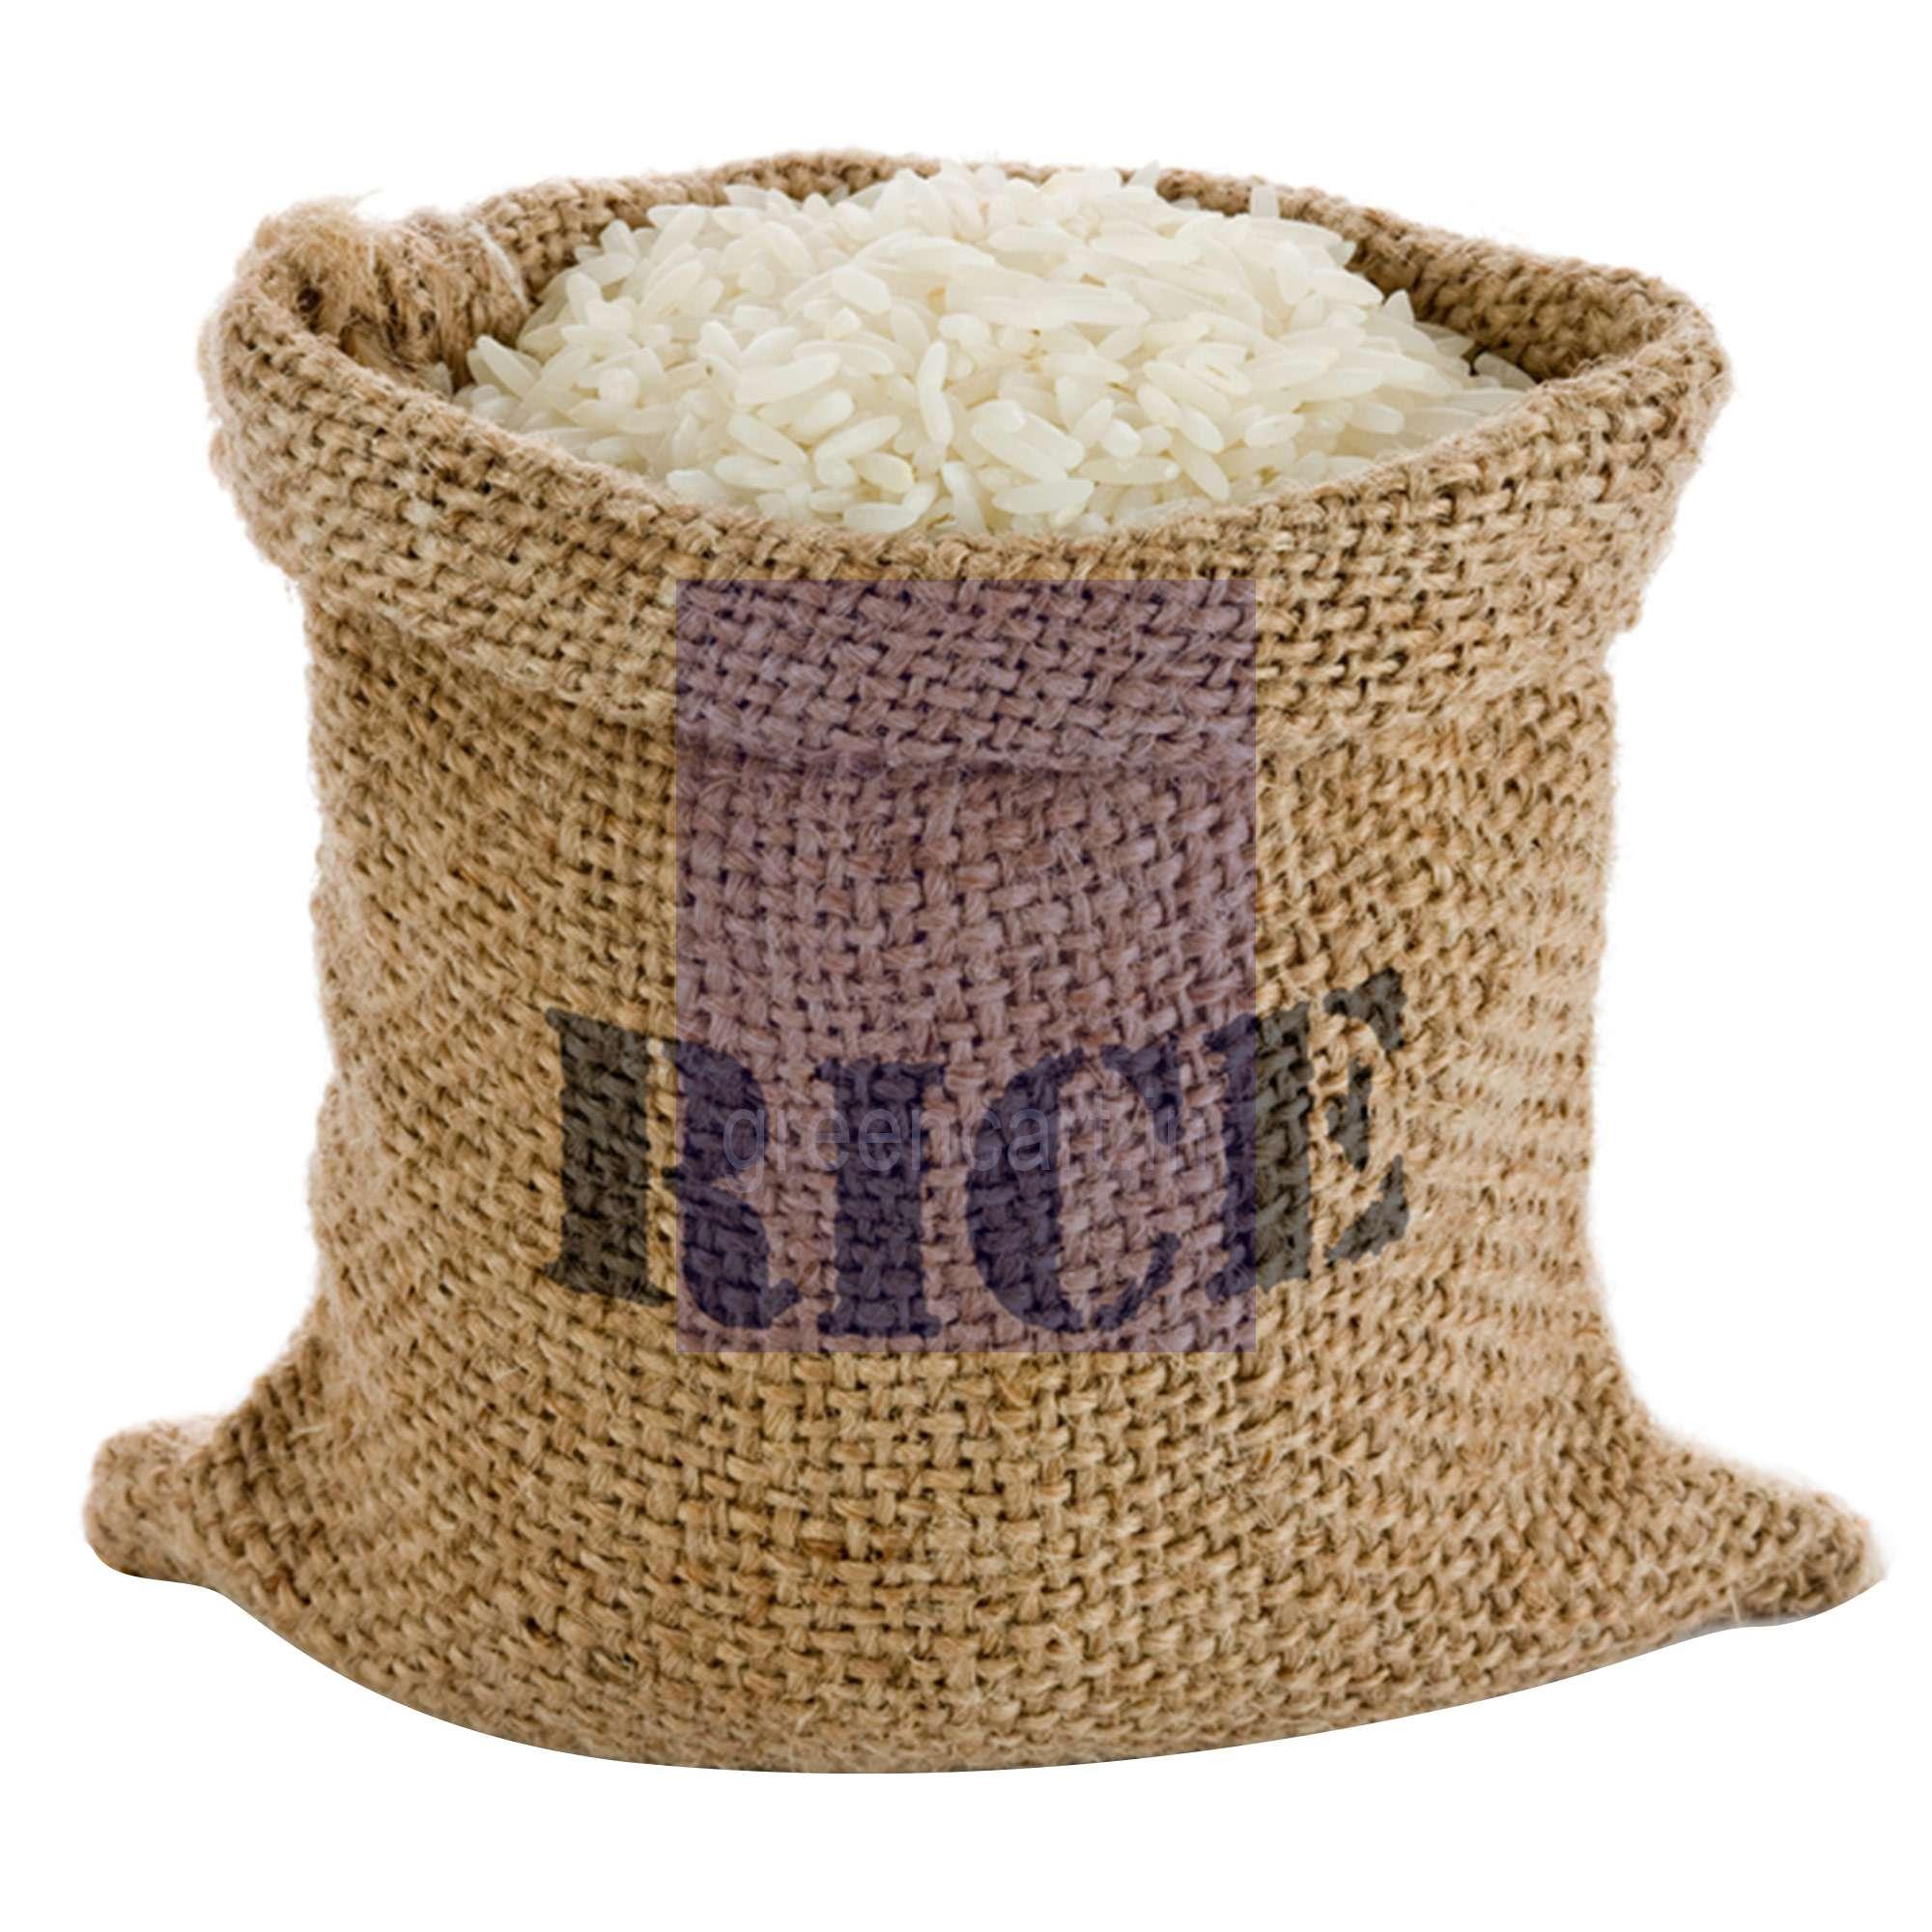 تعبیر خواب برنج , تعبیرخواب برنج , برنج در خواب دیدن